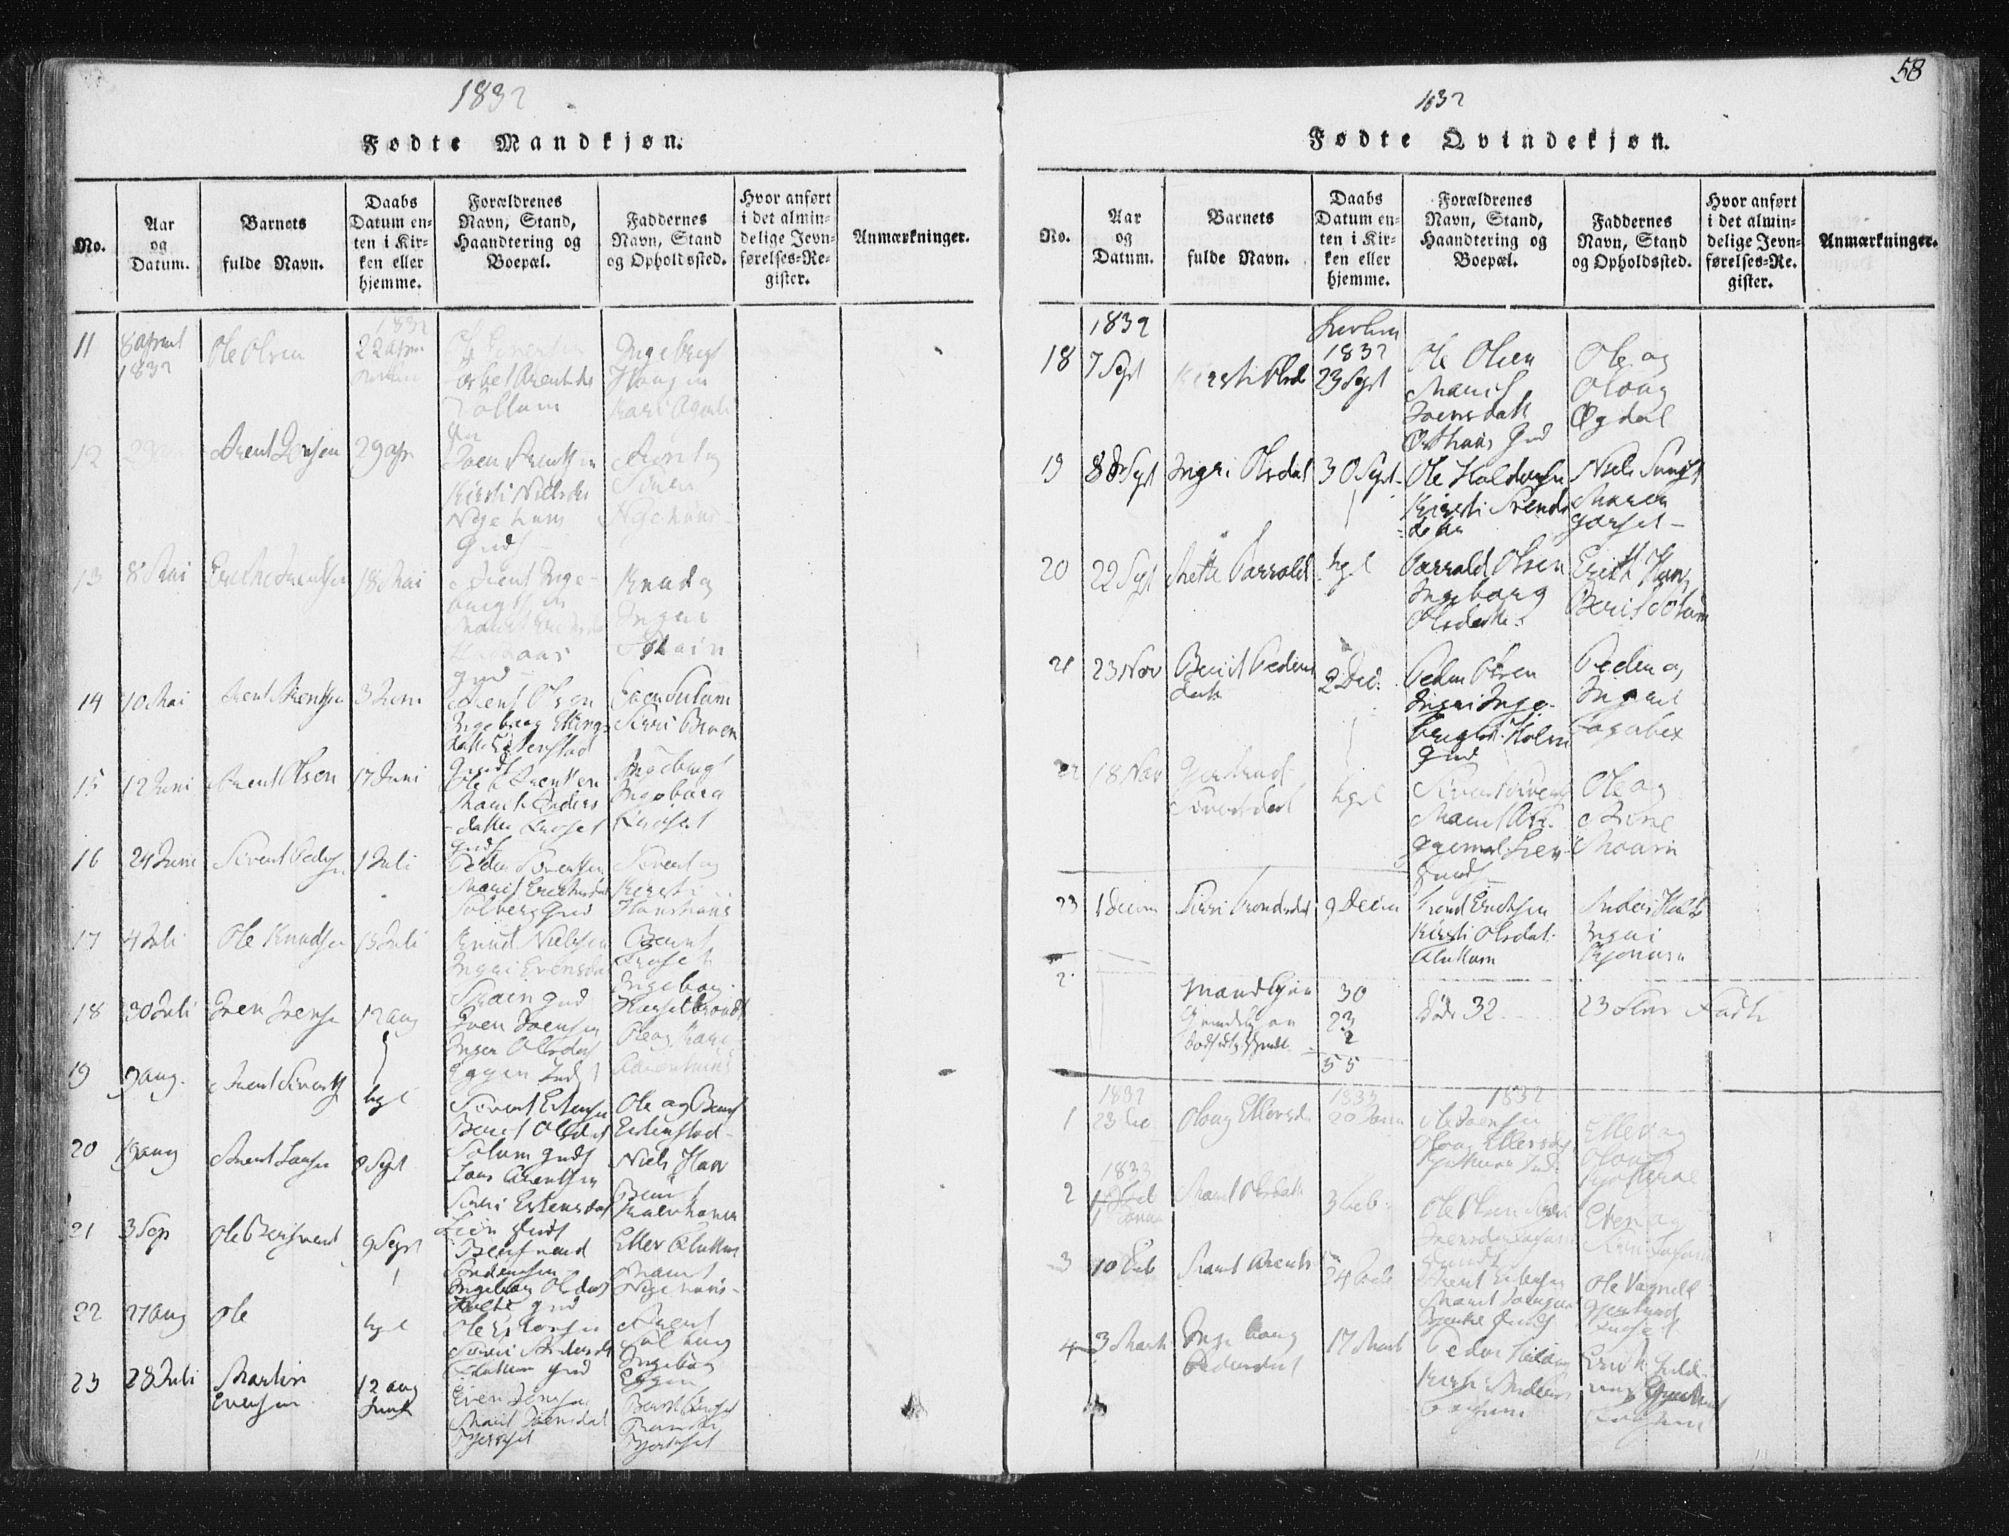 SAT, Ministerialprotokoller, klokkerbøker og fødselsregistre - Sør-Trøndelag, 689/L1037: Ministerialbok nr. 689A02, 1816-1842, s. 58